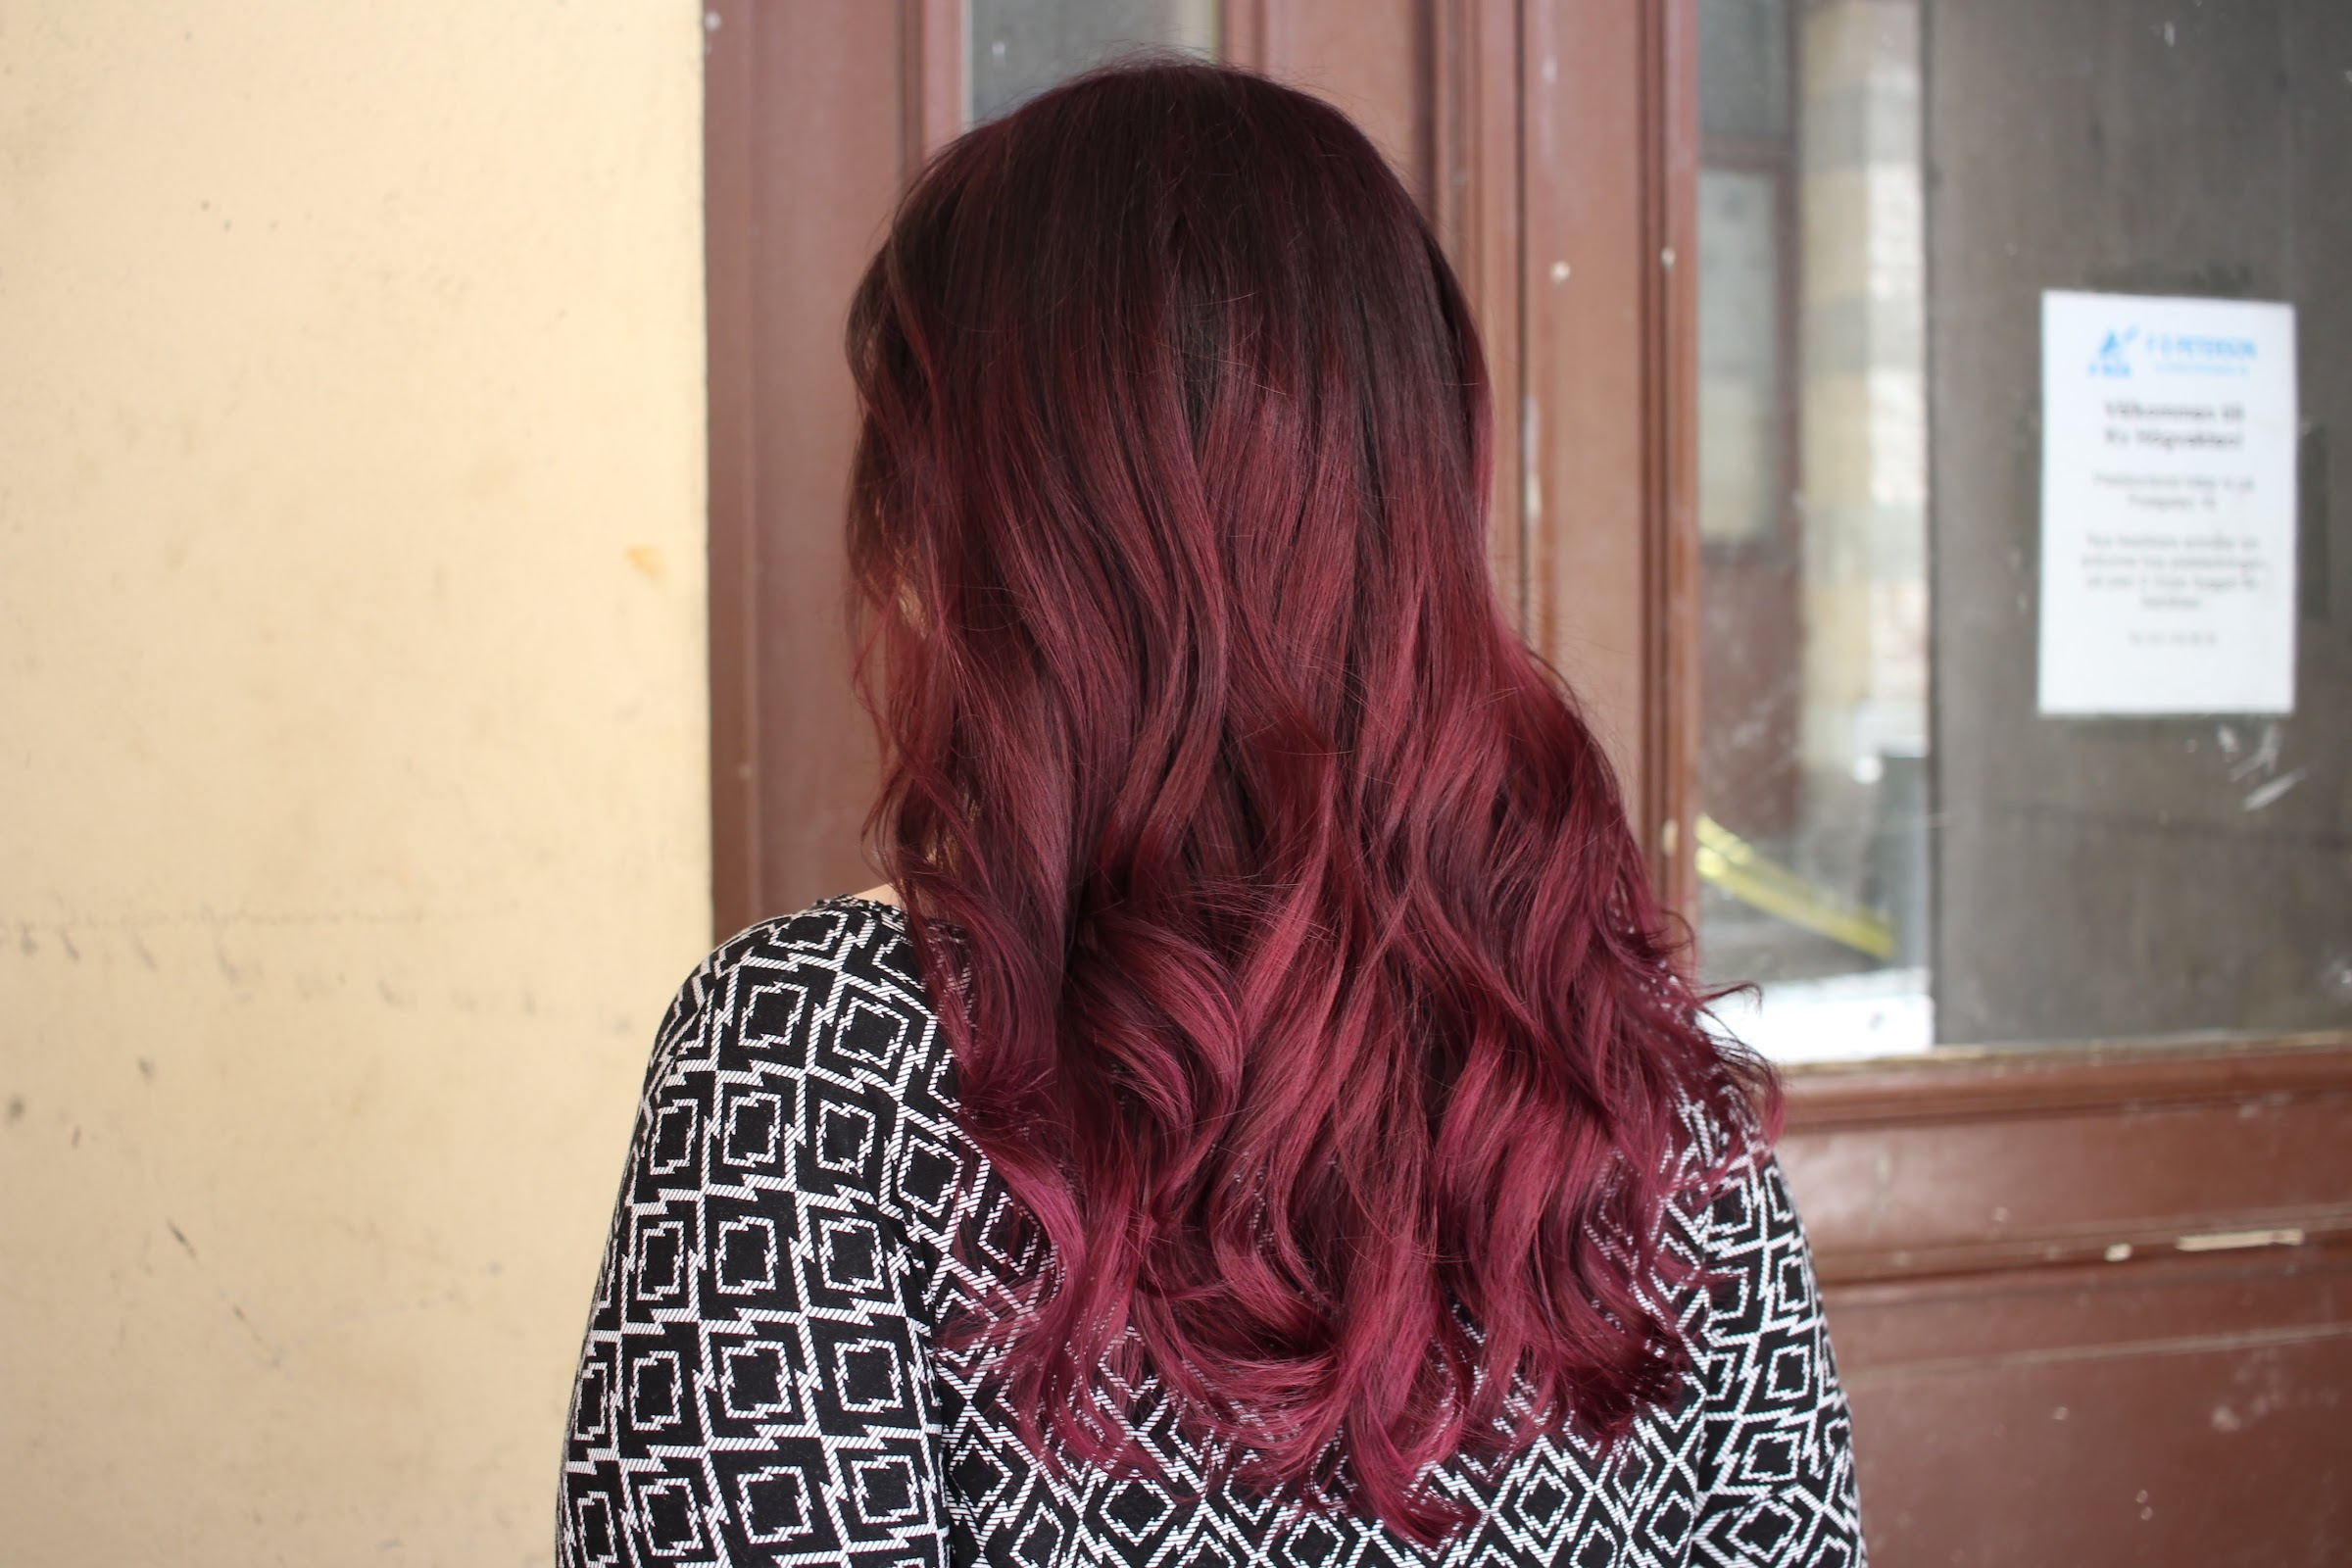 få bort röd hårfärg